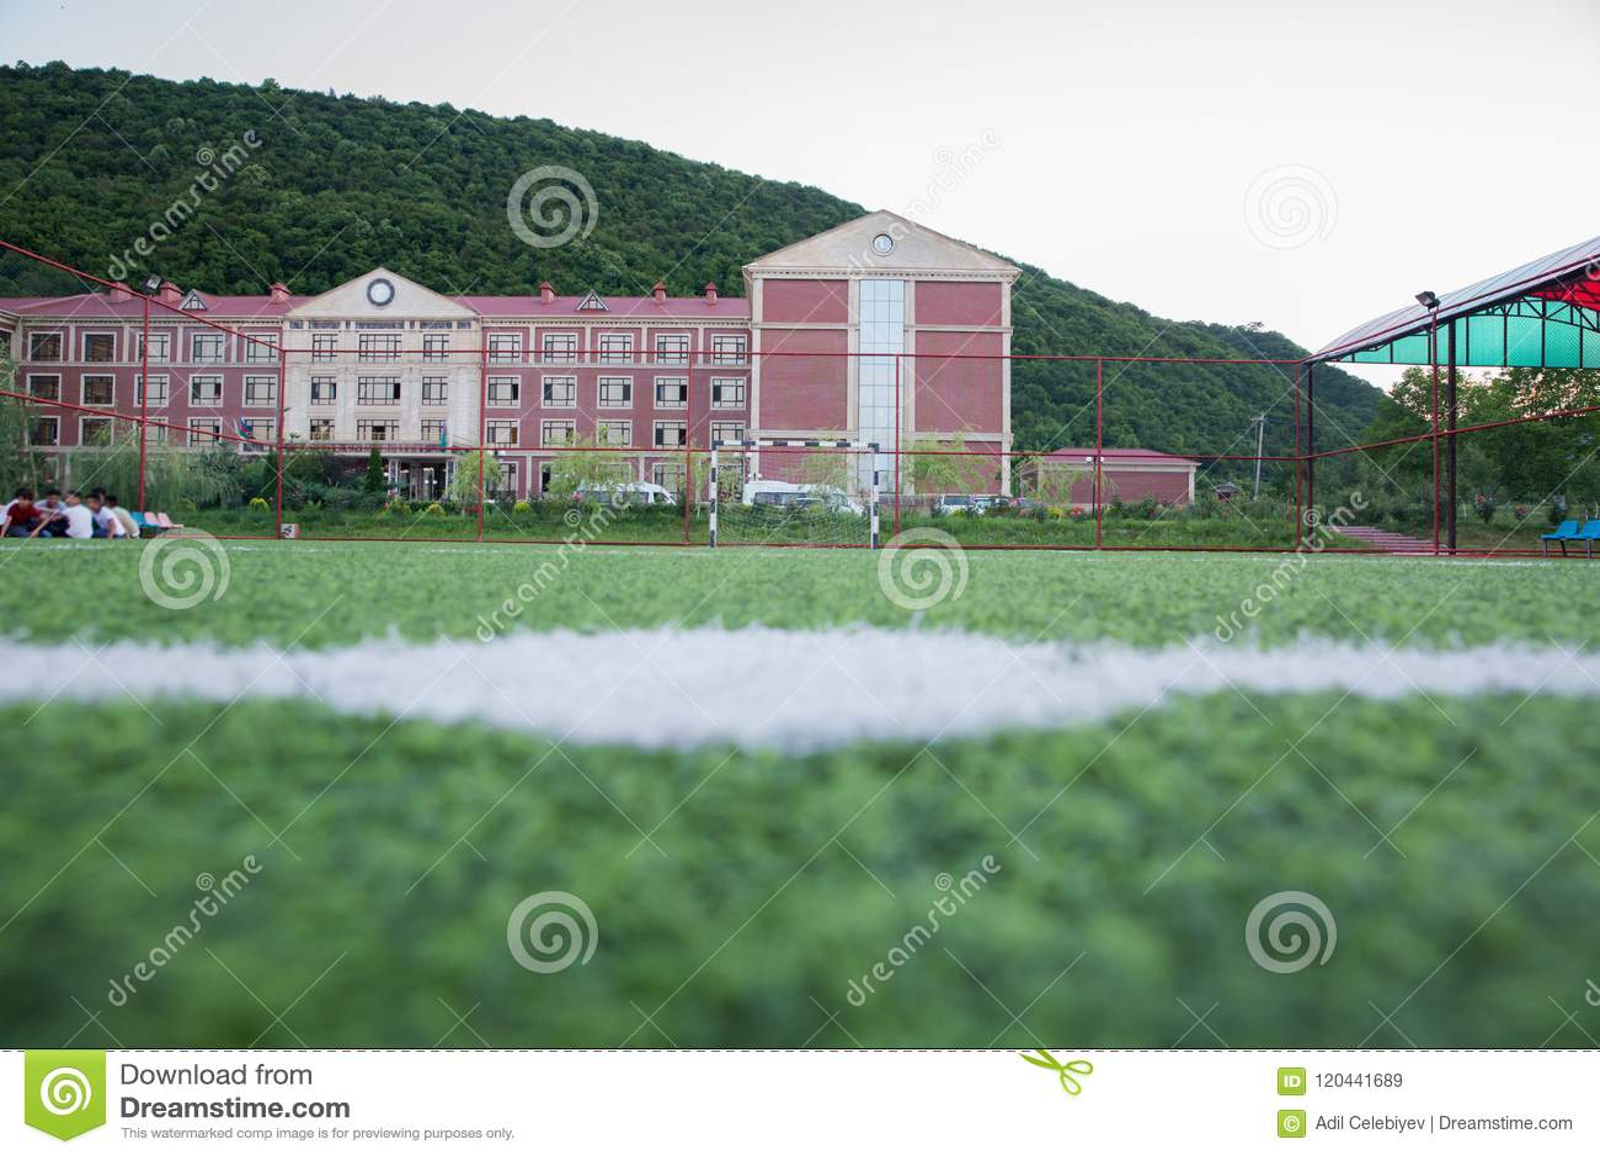 Künstliches Gras Mini Football Goal On Ans Innerhalb des Innenfußballplatzes